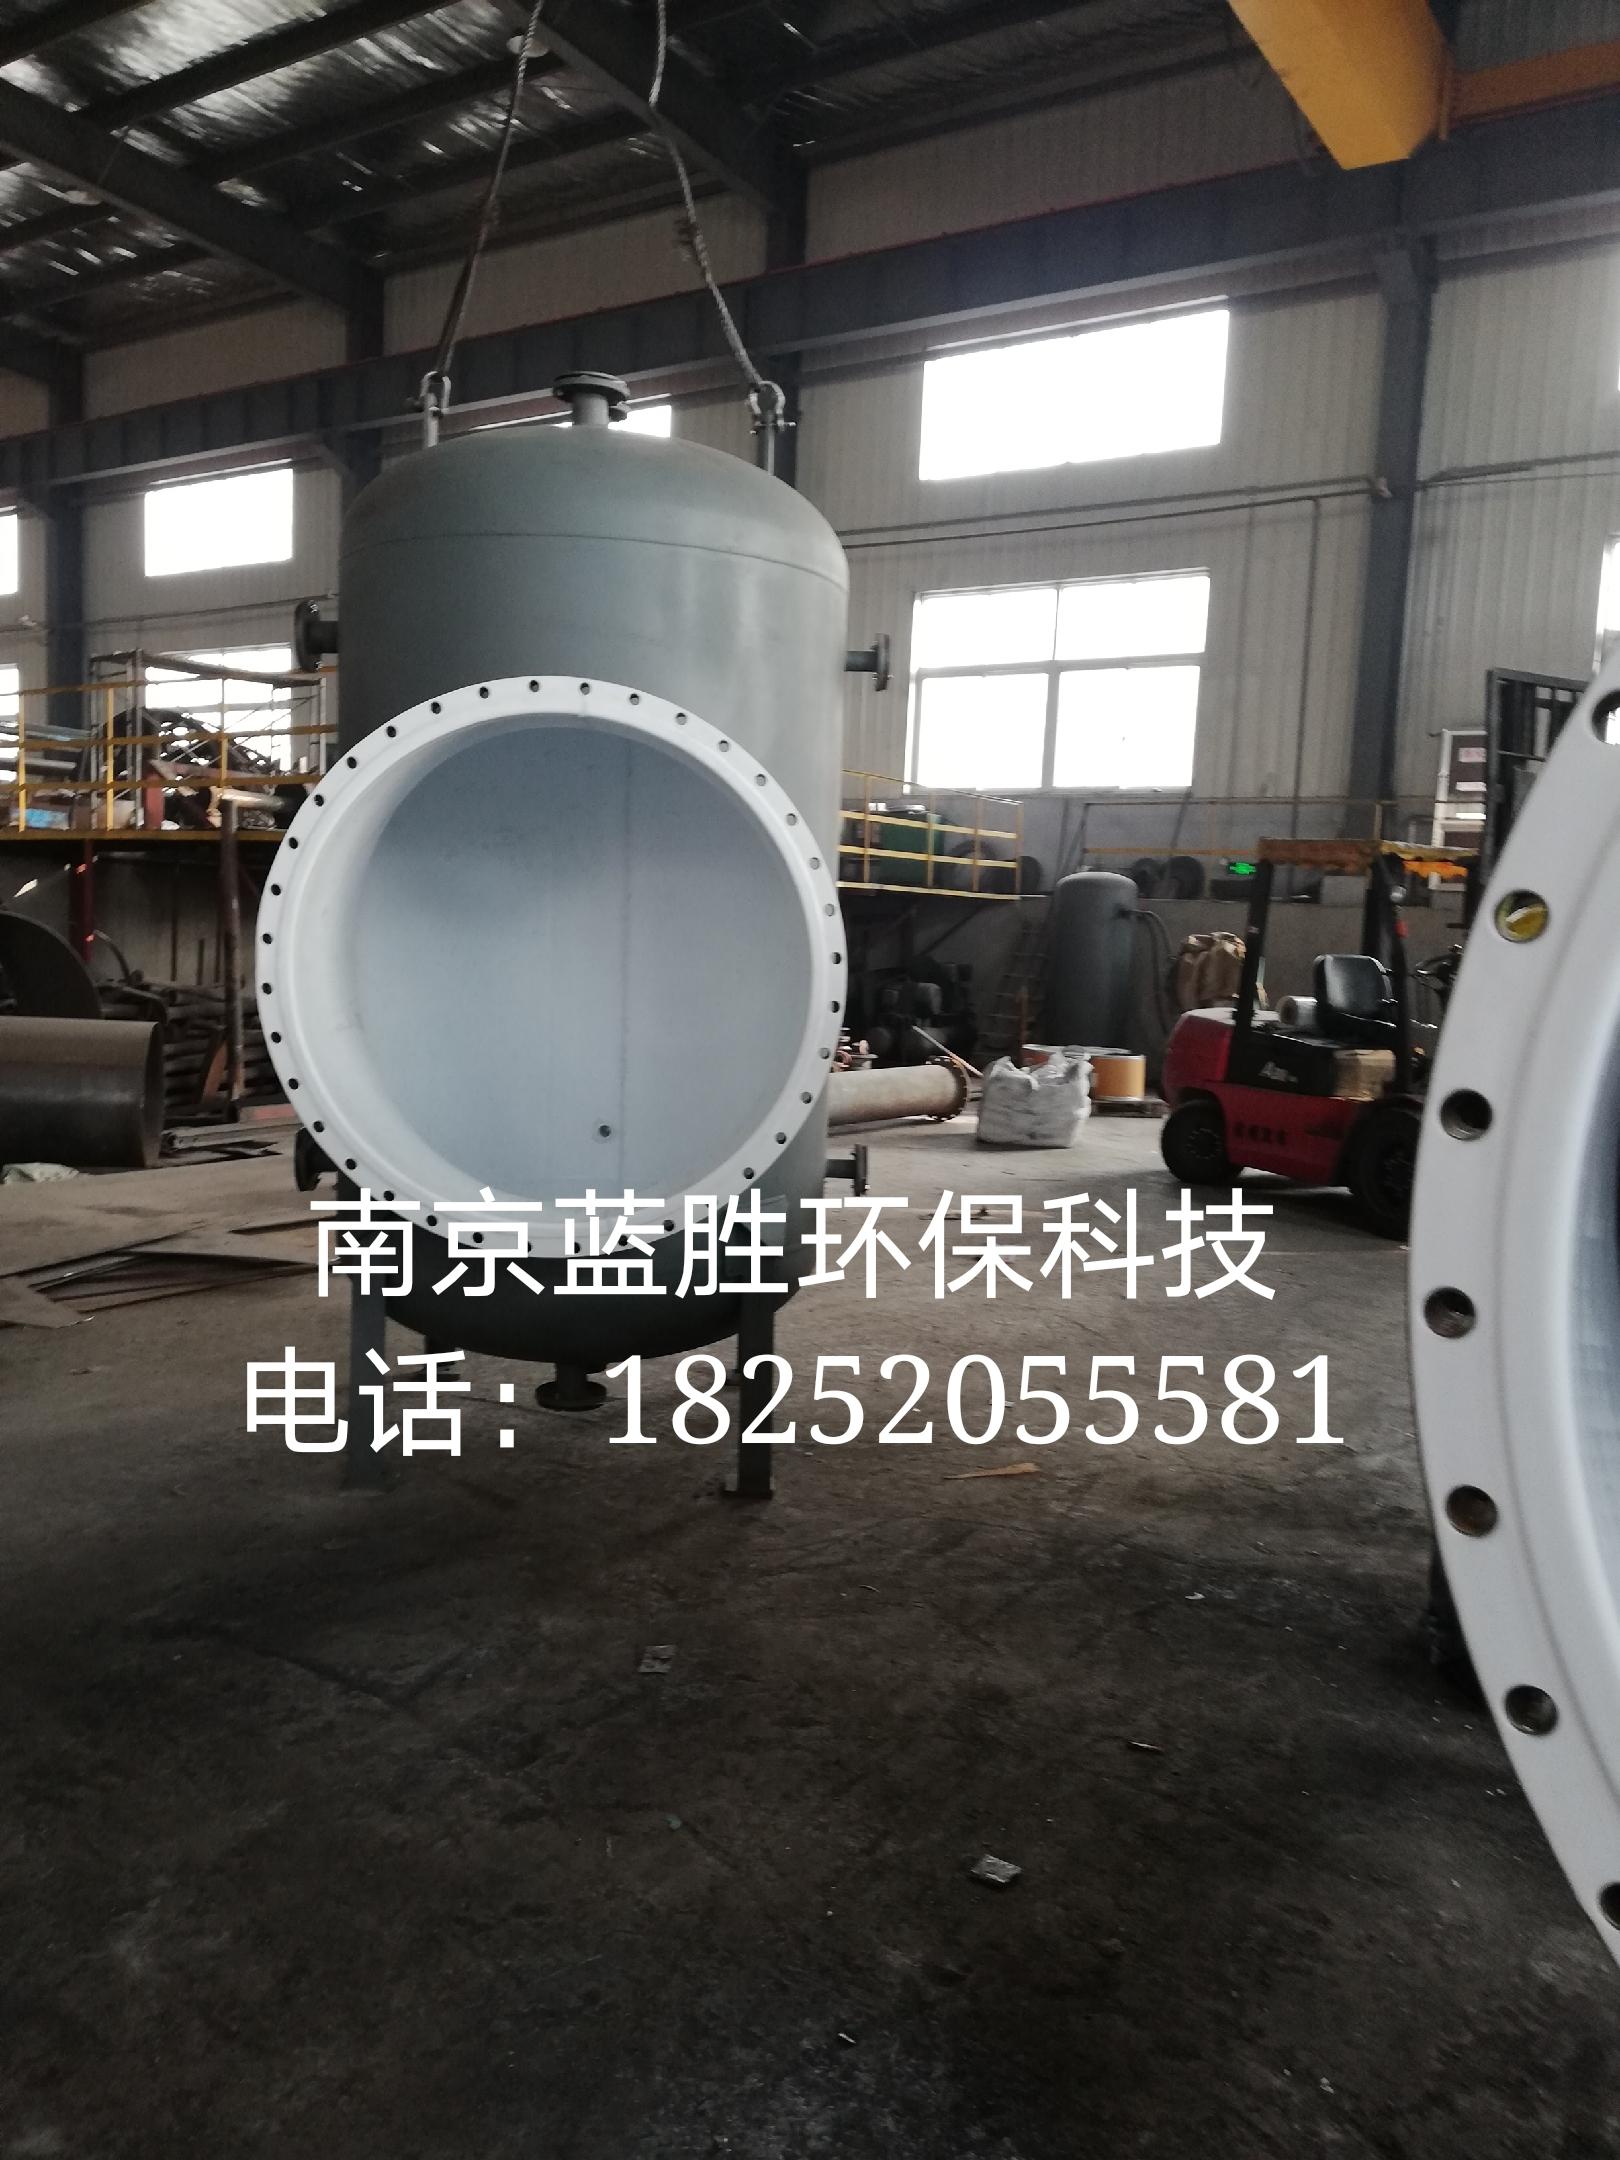 衬塑分离器设备哪家好、气液分离器厂家、江苏省衬塑分离器、南京分离器